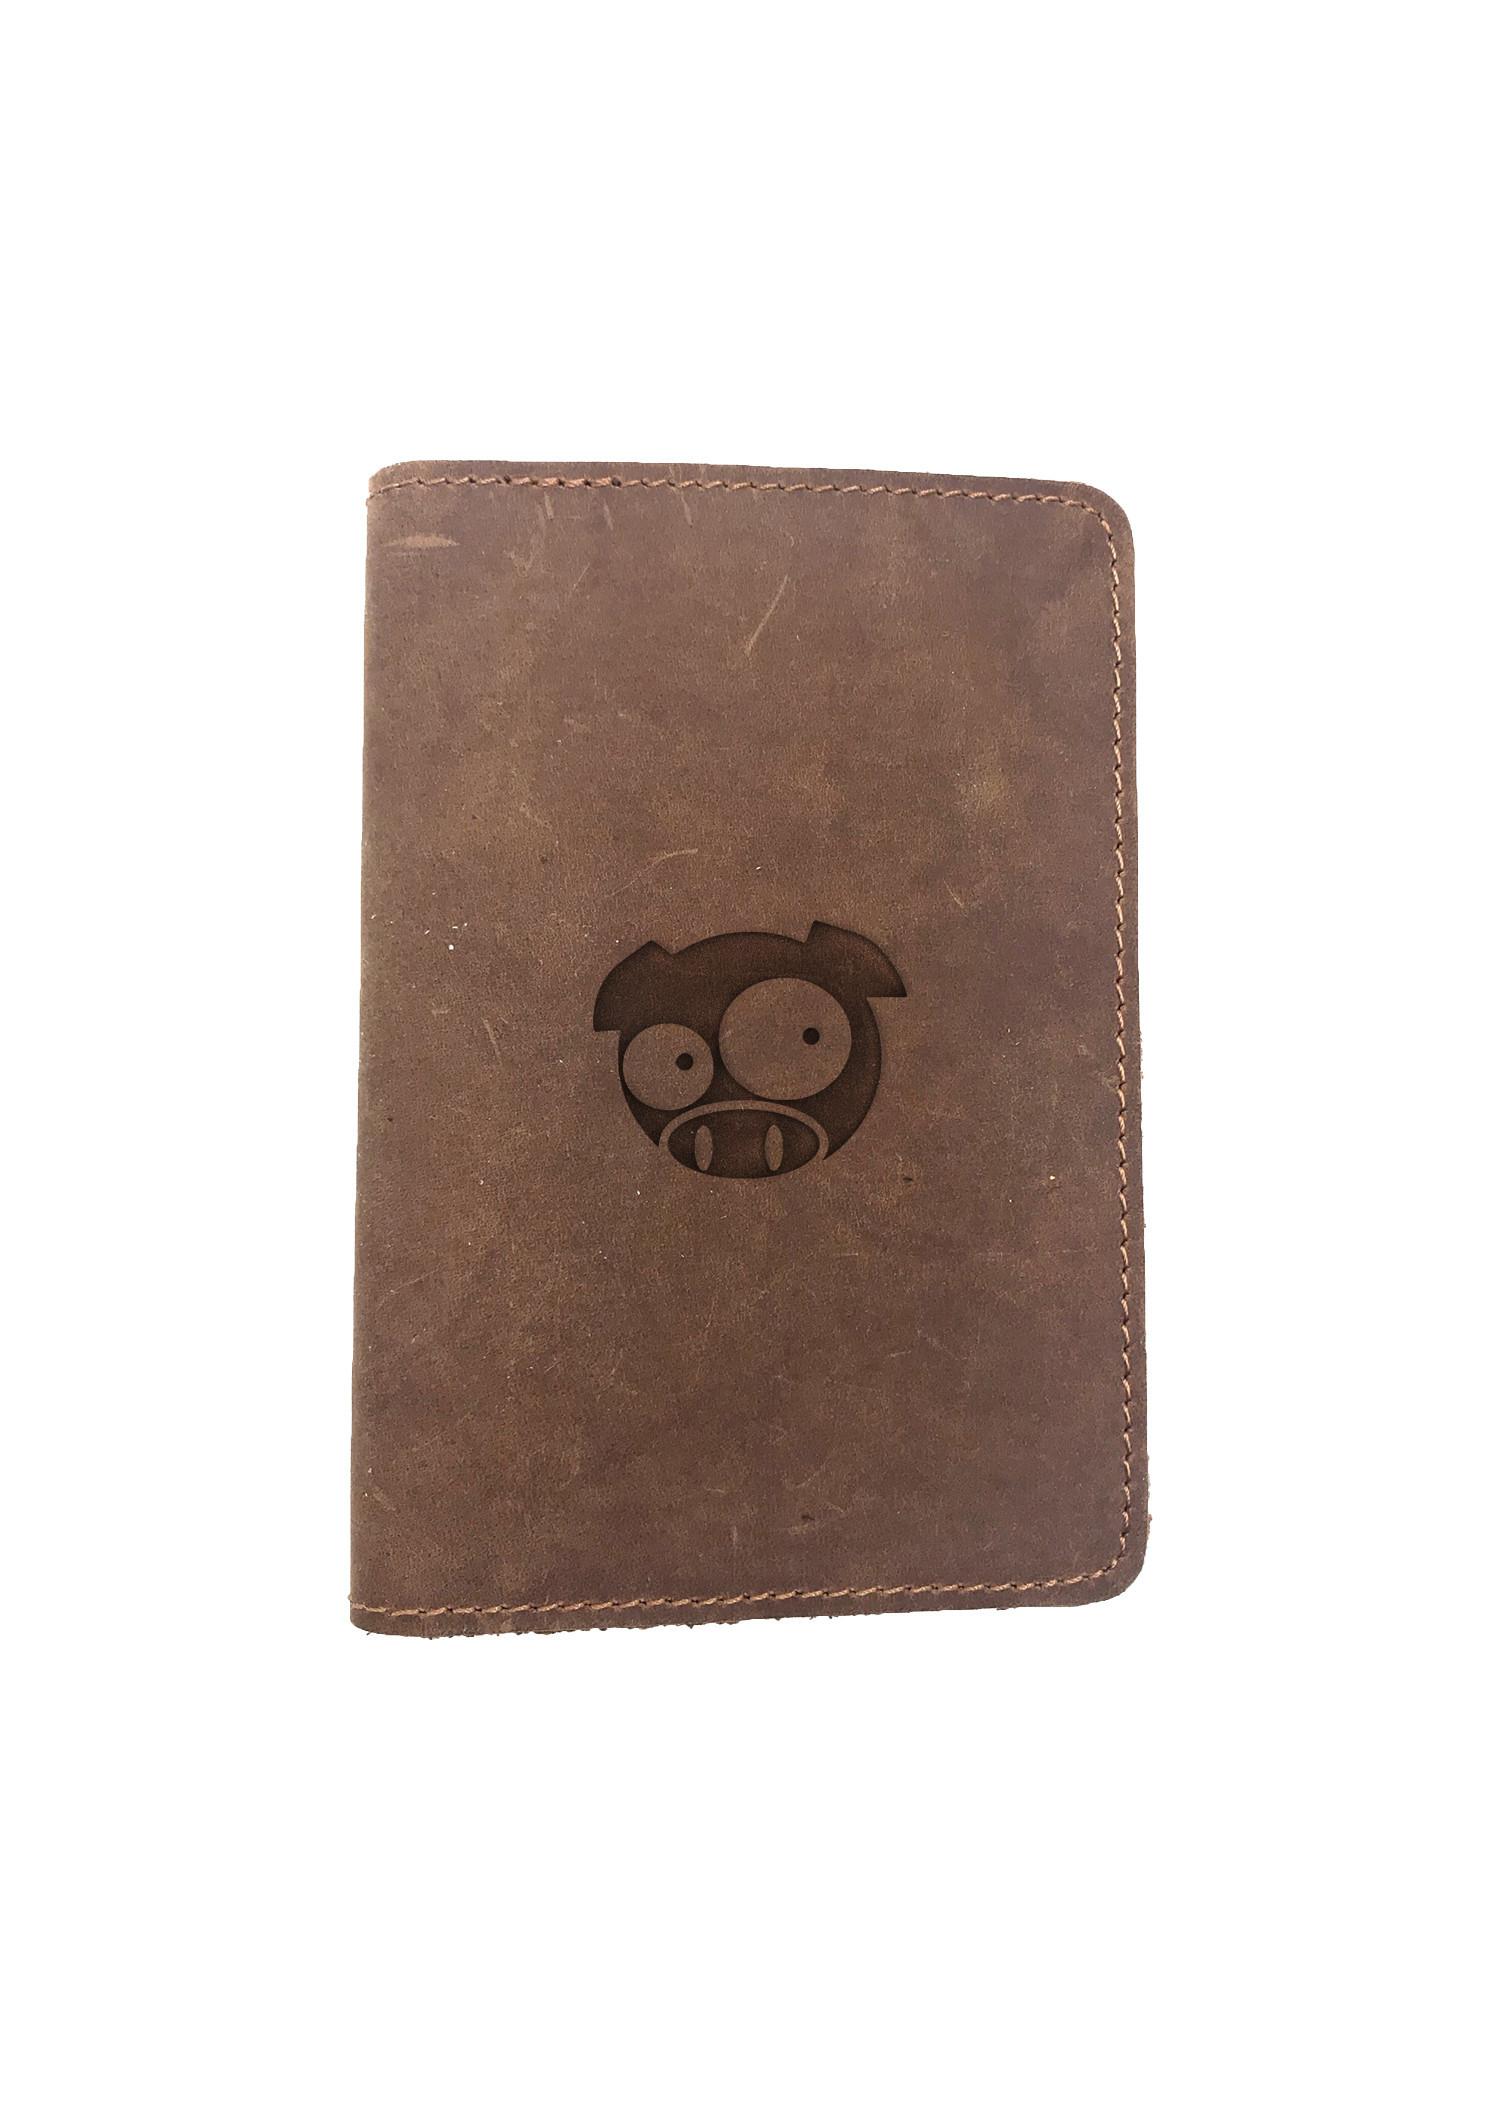 Passport Cover Bao Da Hộ Chiếu Da Sáp Khắc Hình Heo JDM RALY PIG JDM RALLY PIG (BROWN)